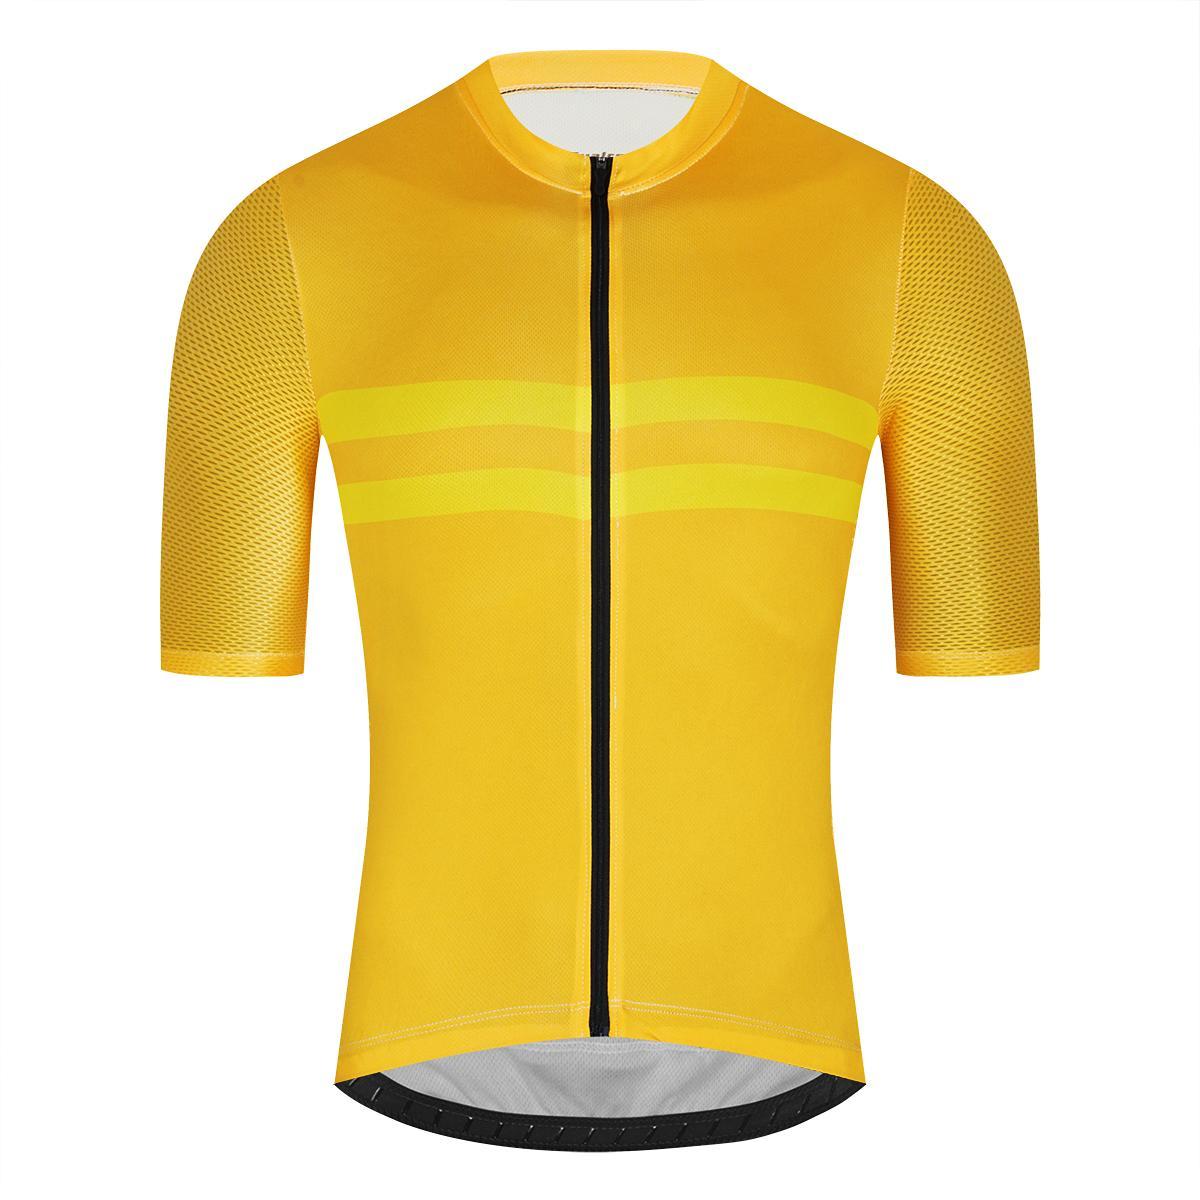 Fualrny Pro Bisiklet Jersey Erkekler Aero Bisiklet Forması Hafif MTB Dikişsiz Proses Bisiklet Bisiklet Giyim Gömlek Maillot Ciclismo